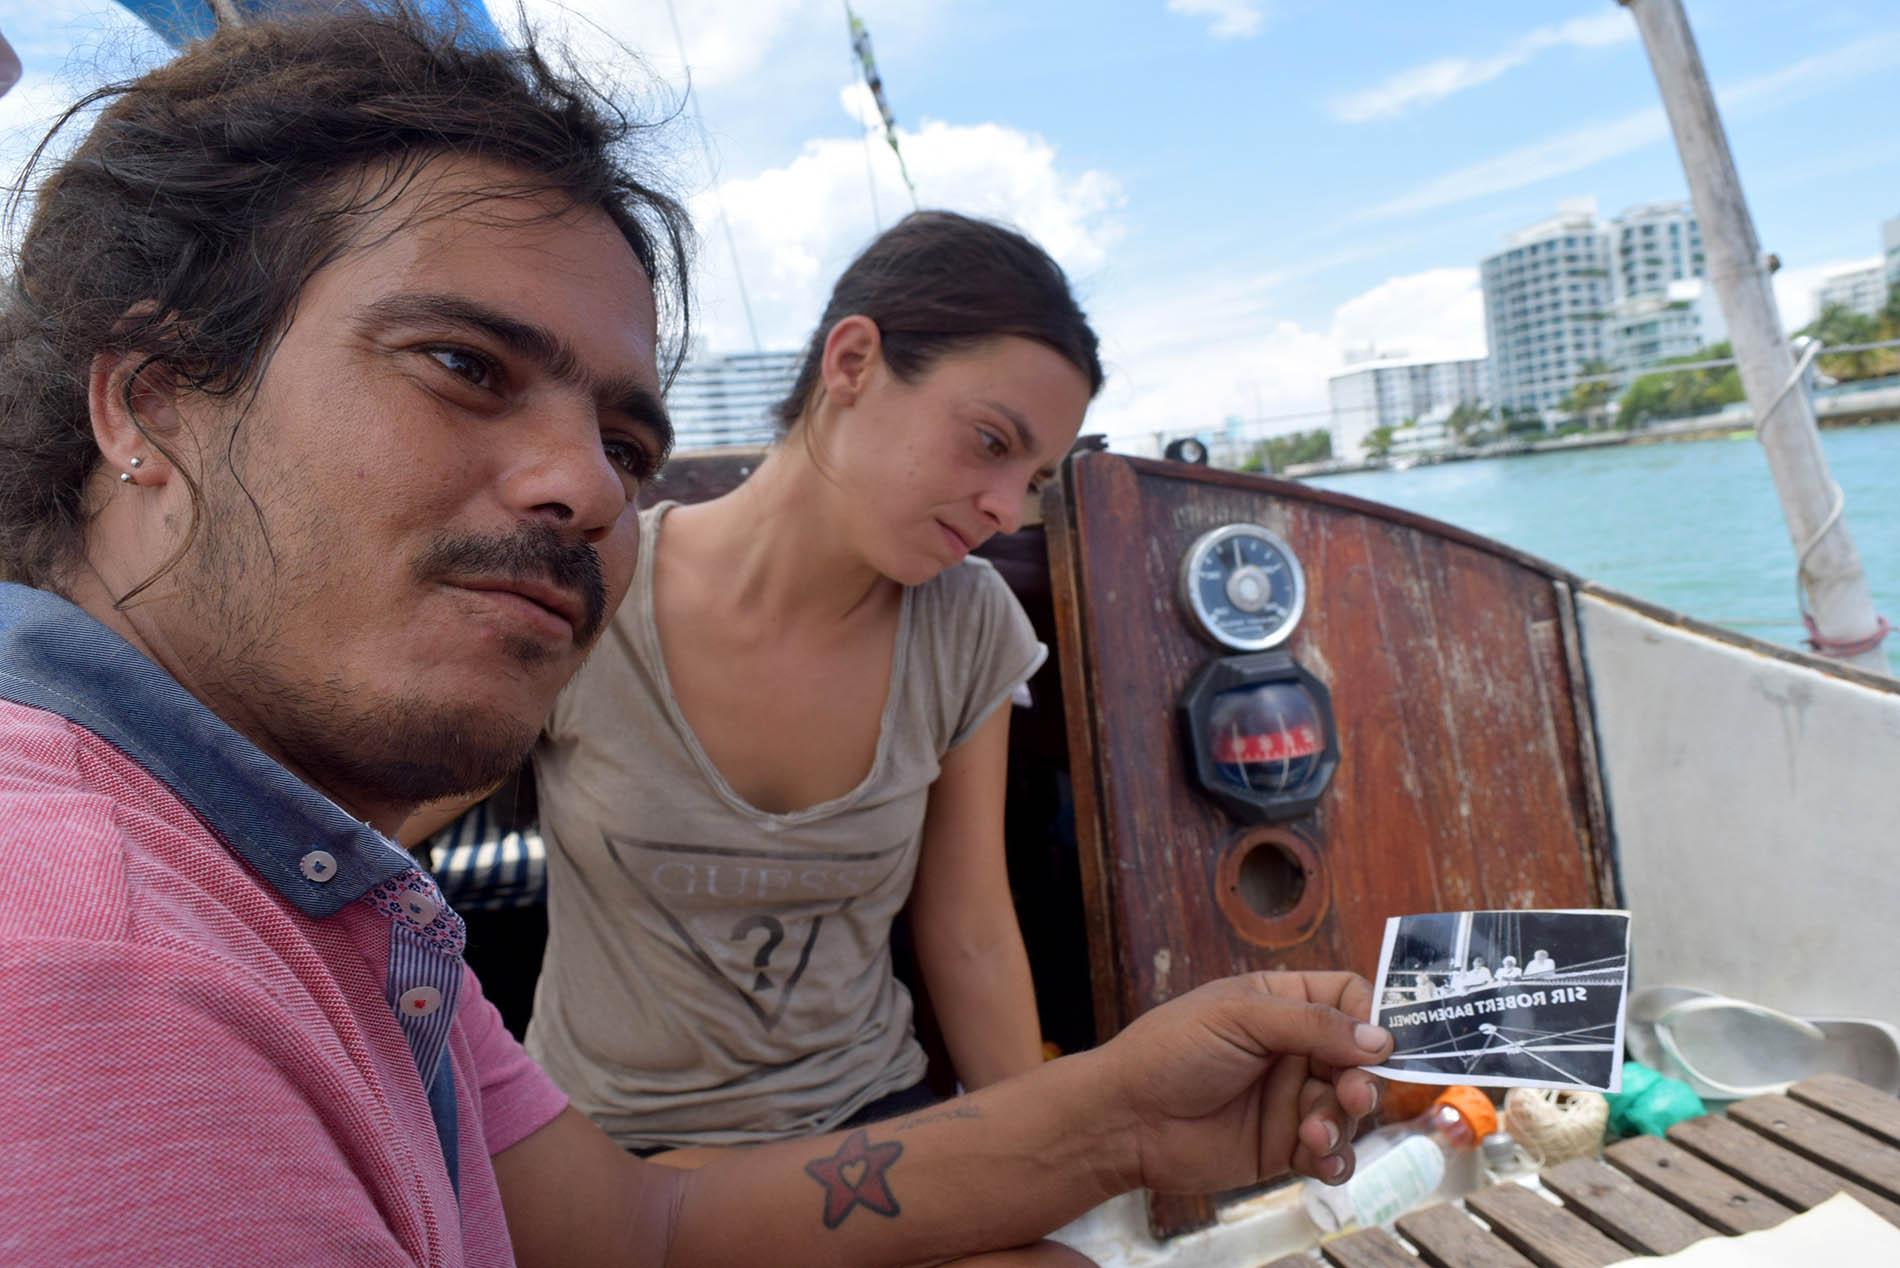 El cubano David Berenguer y su novia, la española Lara Gandía, a bordo de su velero Lourdes-Emyca. Foto: Jorge Ignacio Pérez / EFE.